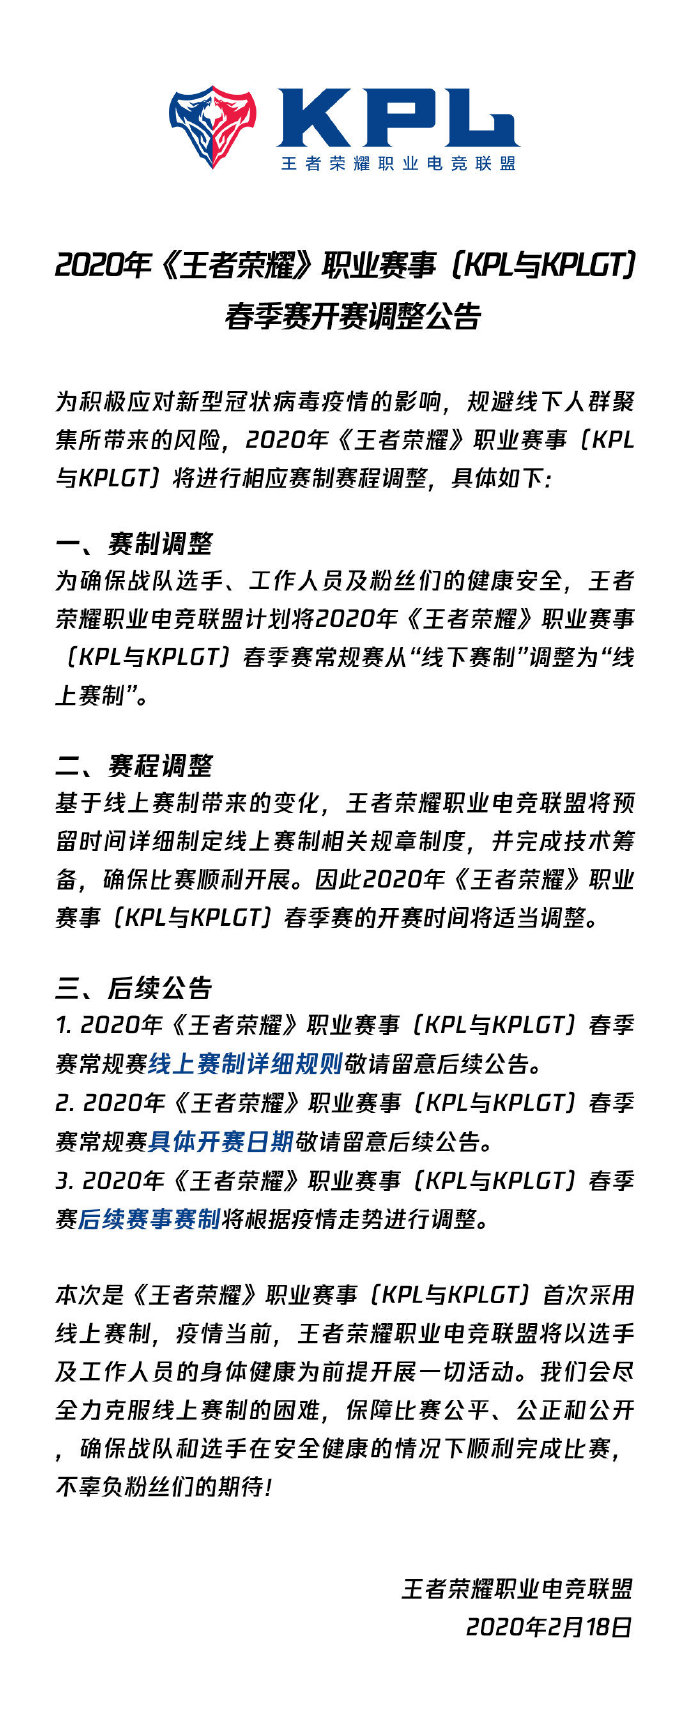 王者荣耀:受疫情影响,KPL春季赛常规赛调整为线上赛